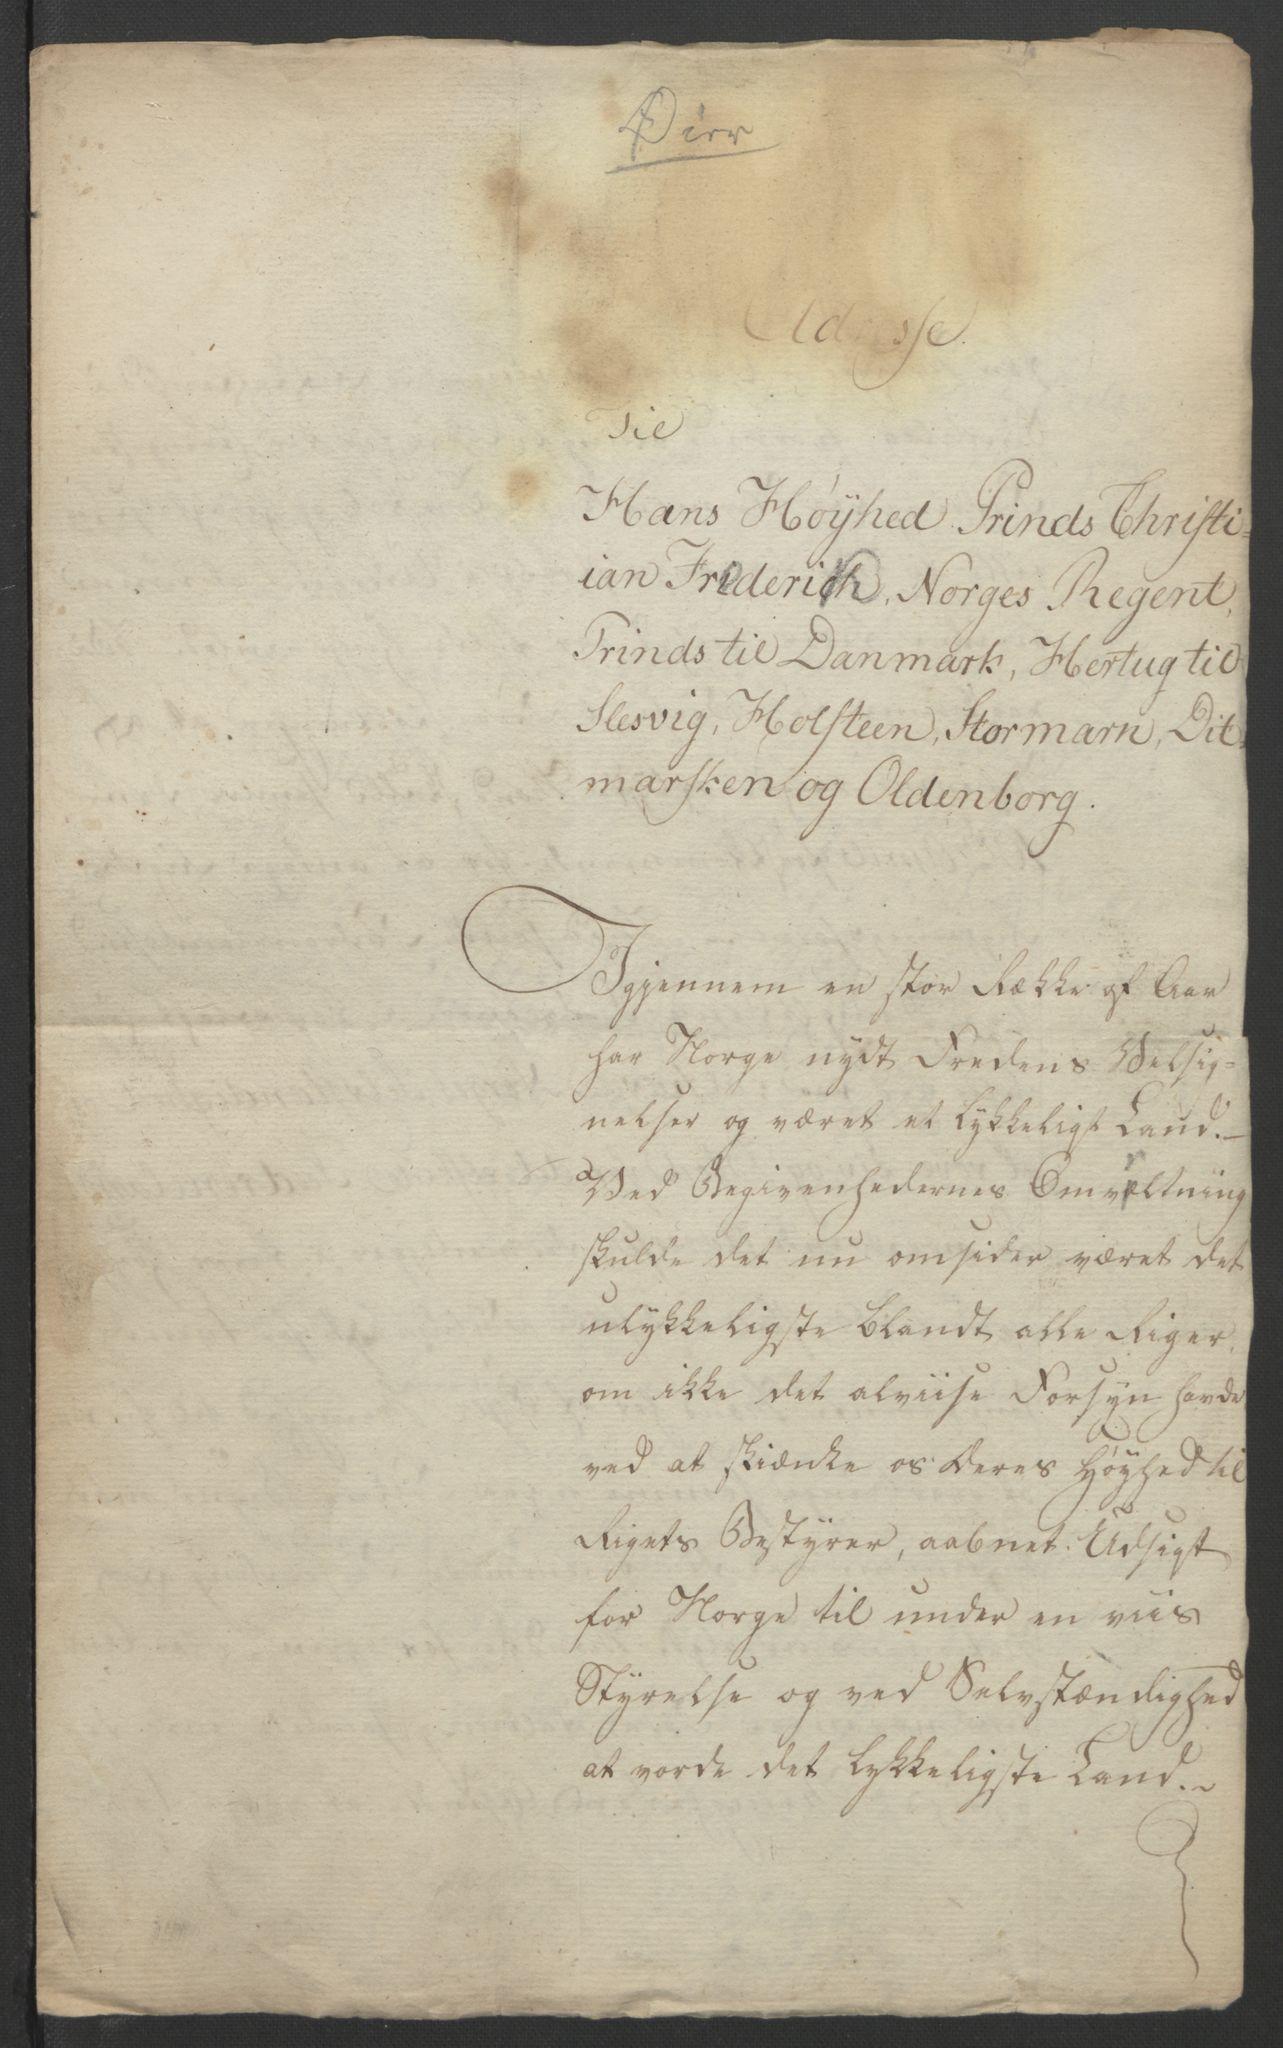 RA, Statsrådssekretariatet, D/Db/L0007: Fullmakter for Eidsvollsrepresentantene i 1814. , 1814, s. 299